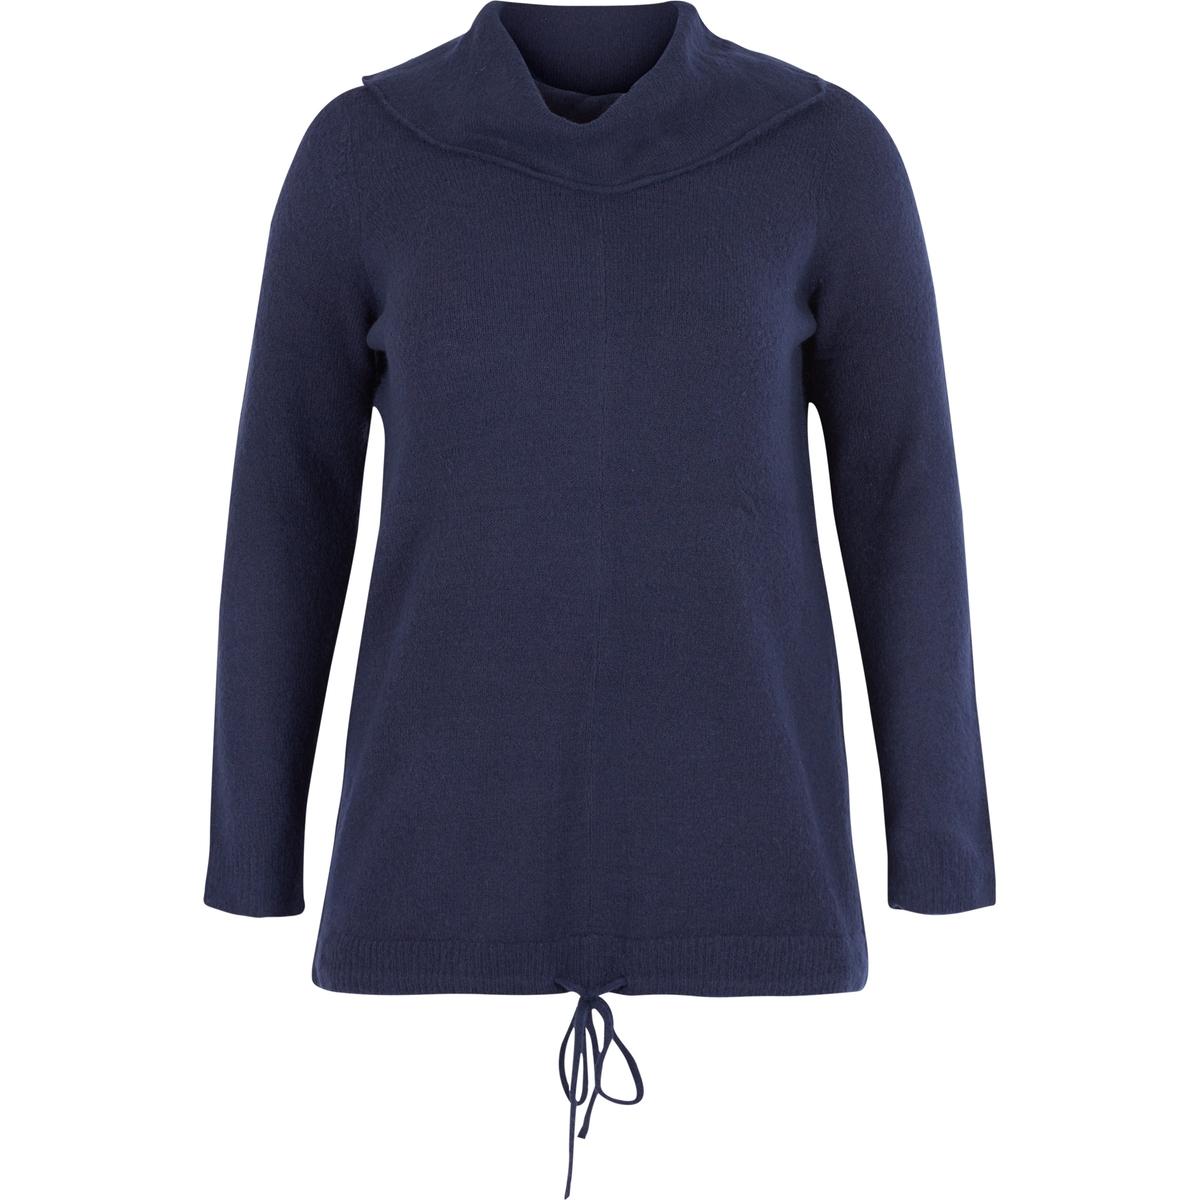 Пуловер трикотажныйДлинный трикотажный пуловер. Длинные рукава и воротник-хомут. Завязки снизу создают эффект напуска<br><br>Цвет: синий<br>Размер: 54/56 (FR) - 60/62 (RUS)